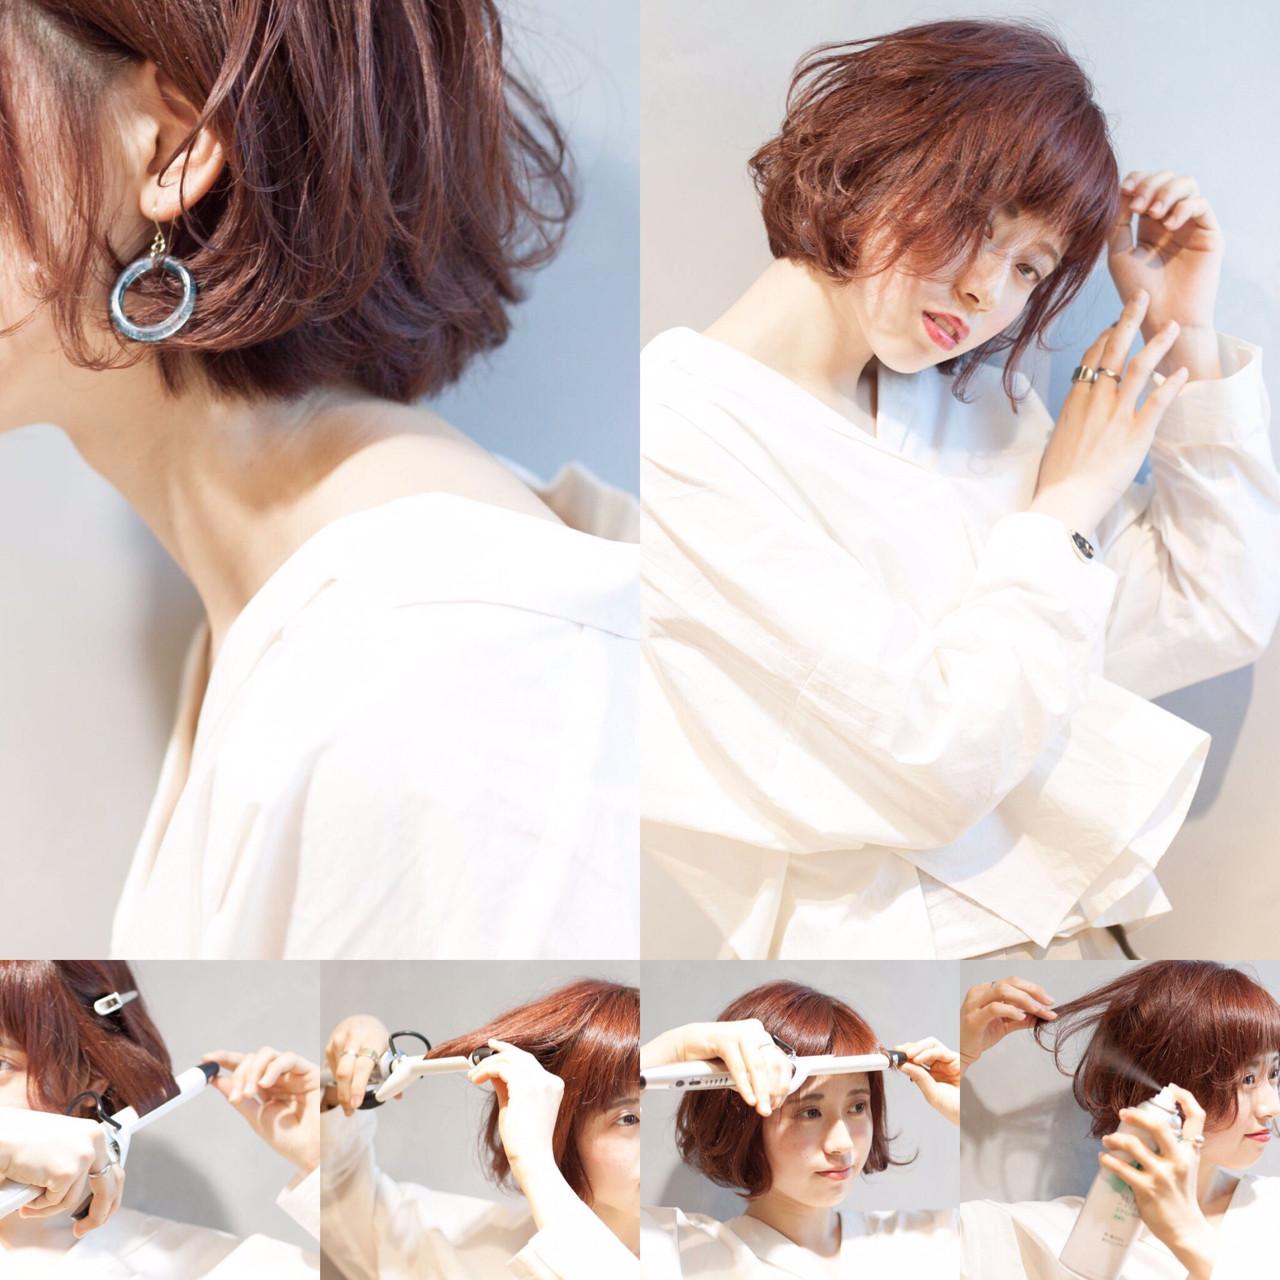 小顔 パーマ こなれ感 デート ヘアスタイルや髪型の写真・画像